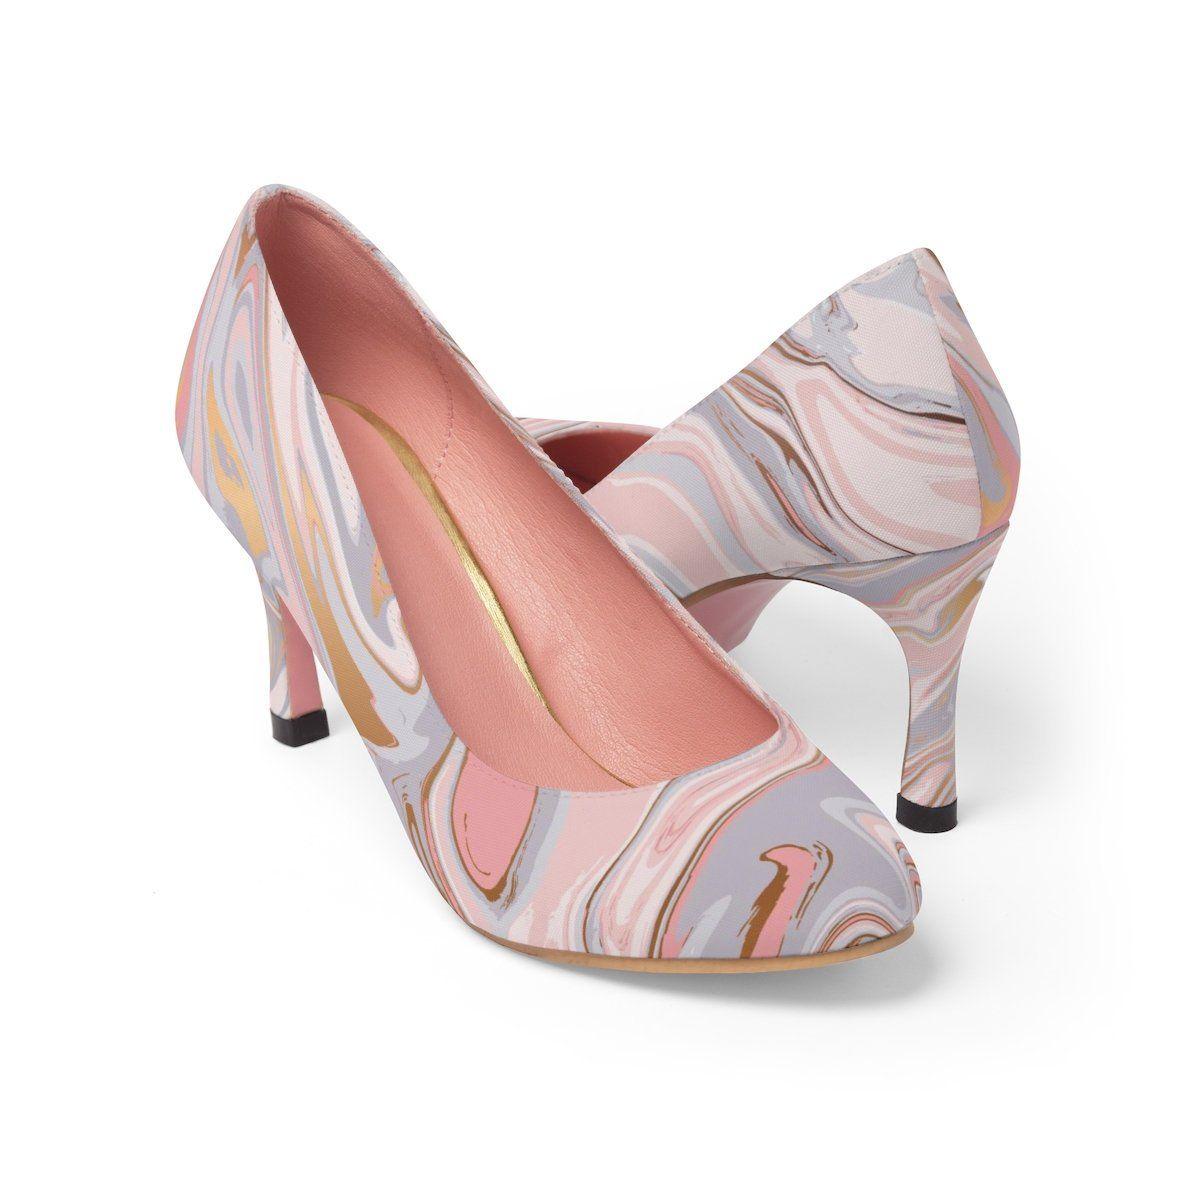 Pin by AE1128 on Fashion : Shoes   Wedding shoe, Fashion